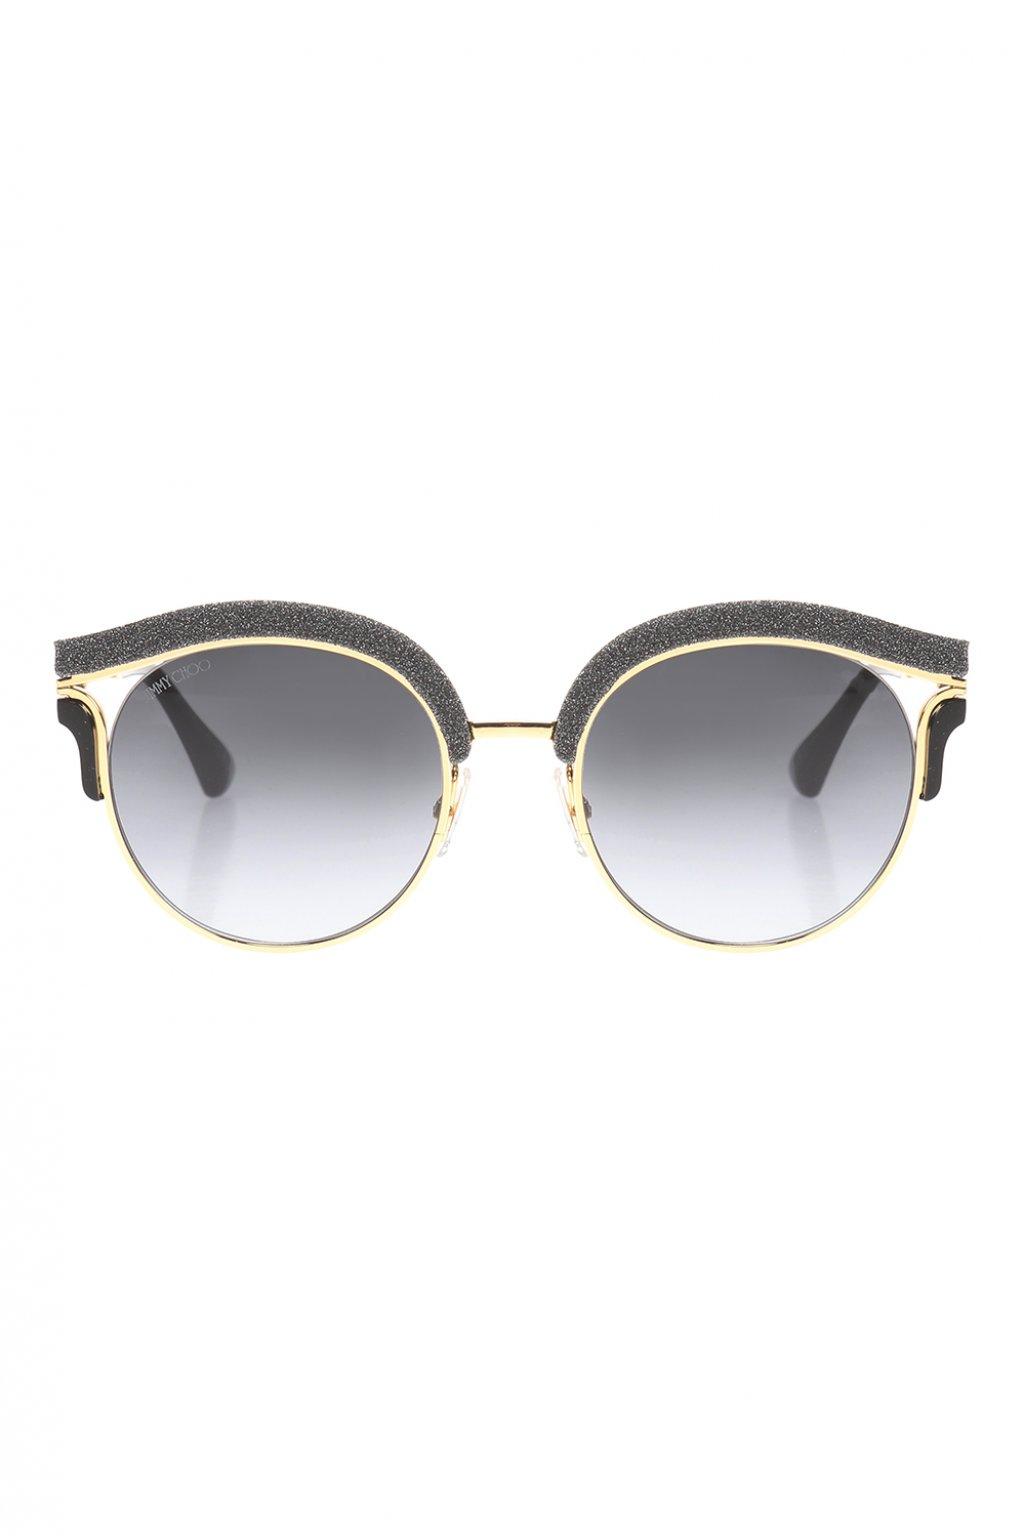 Jimmy Choo 'Lash' sunglasses